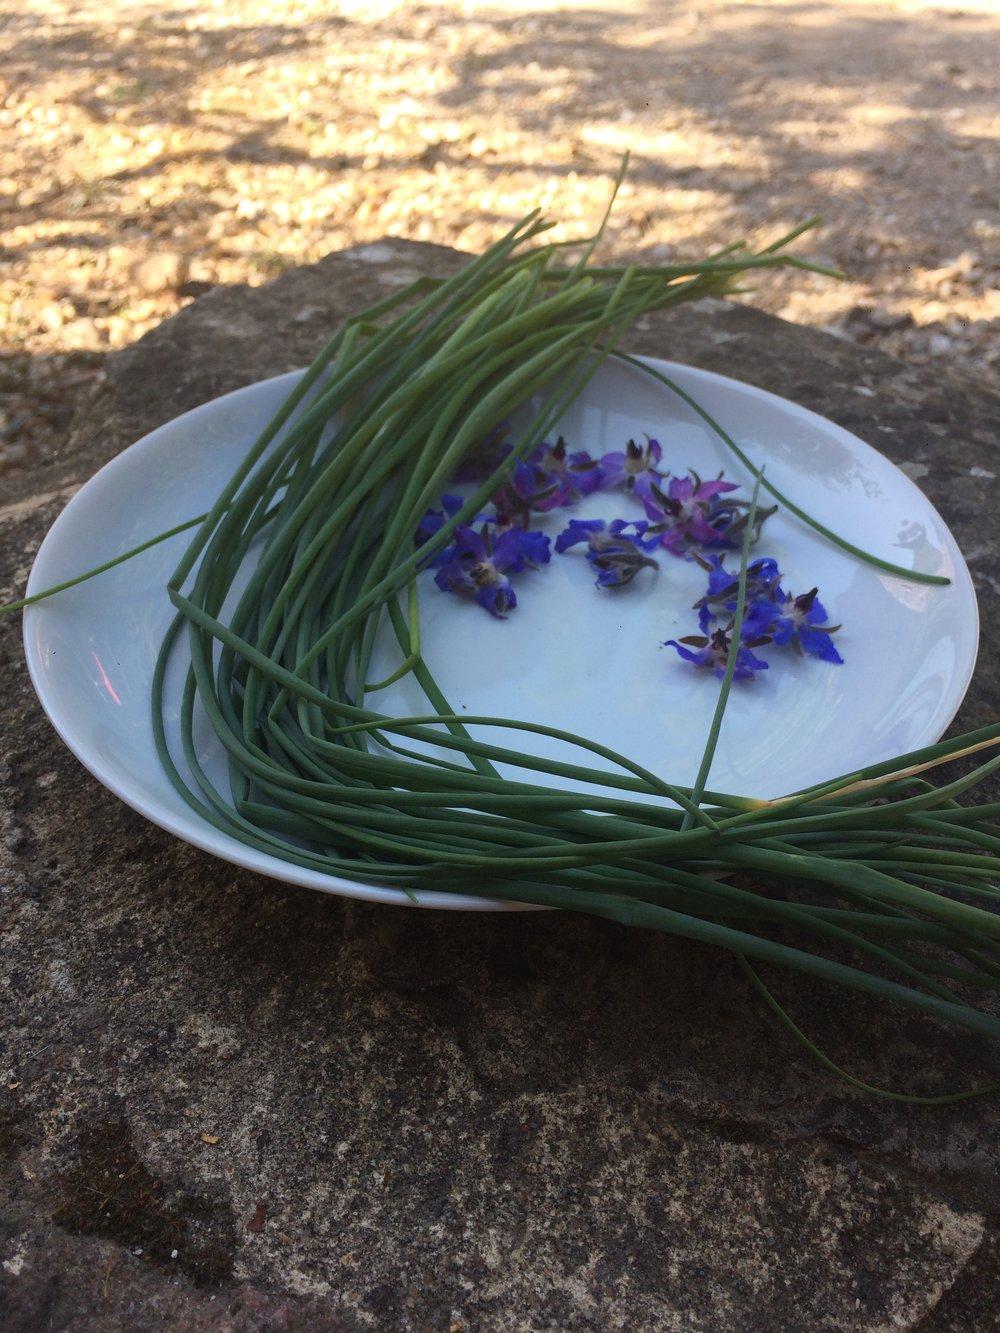 Midderigh Vox fresh herbs.JPG